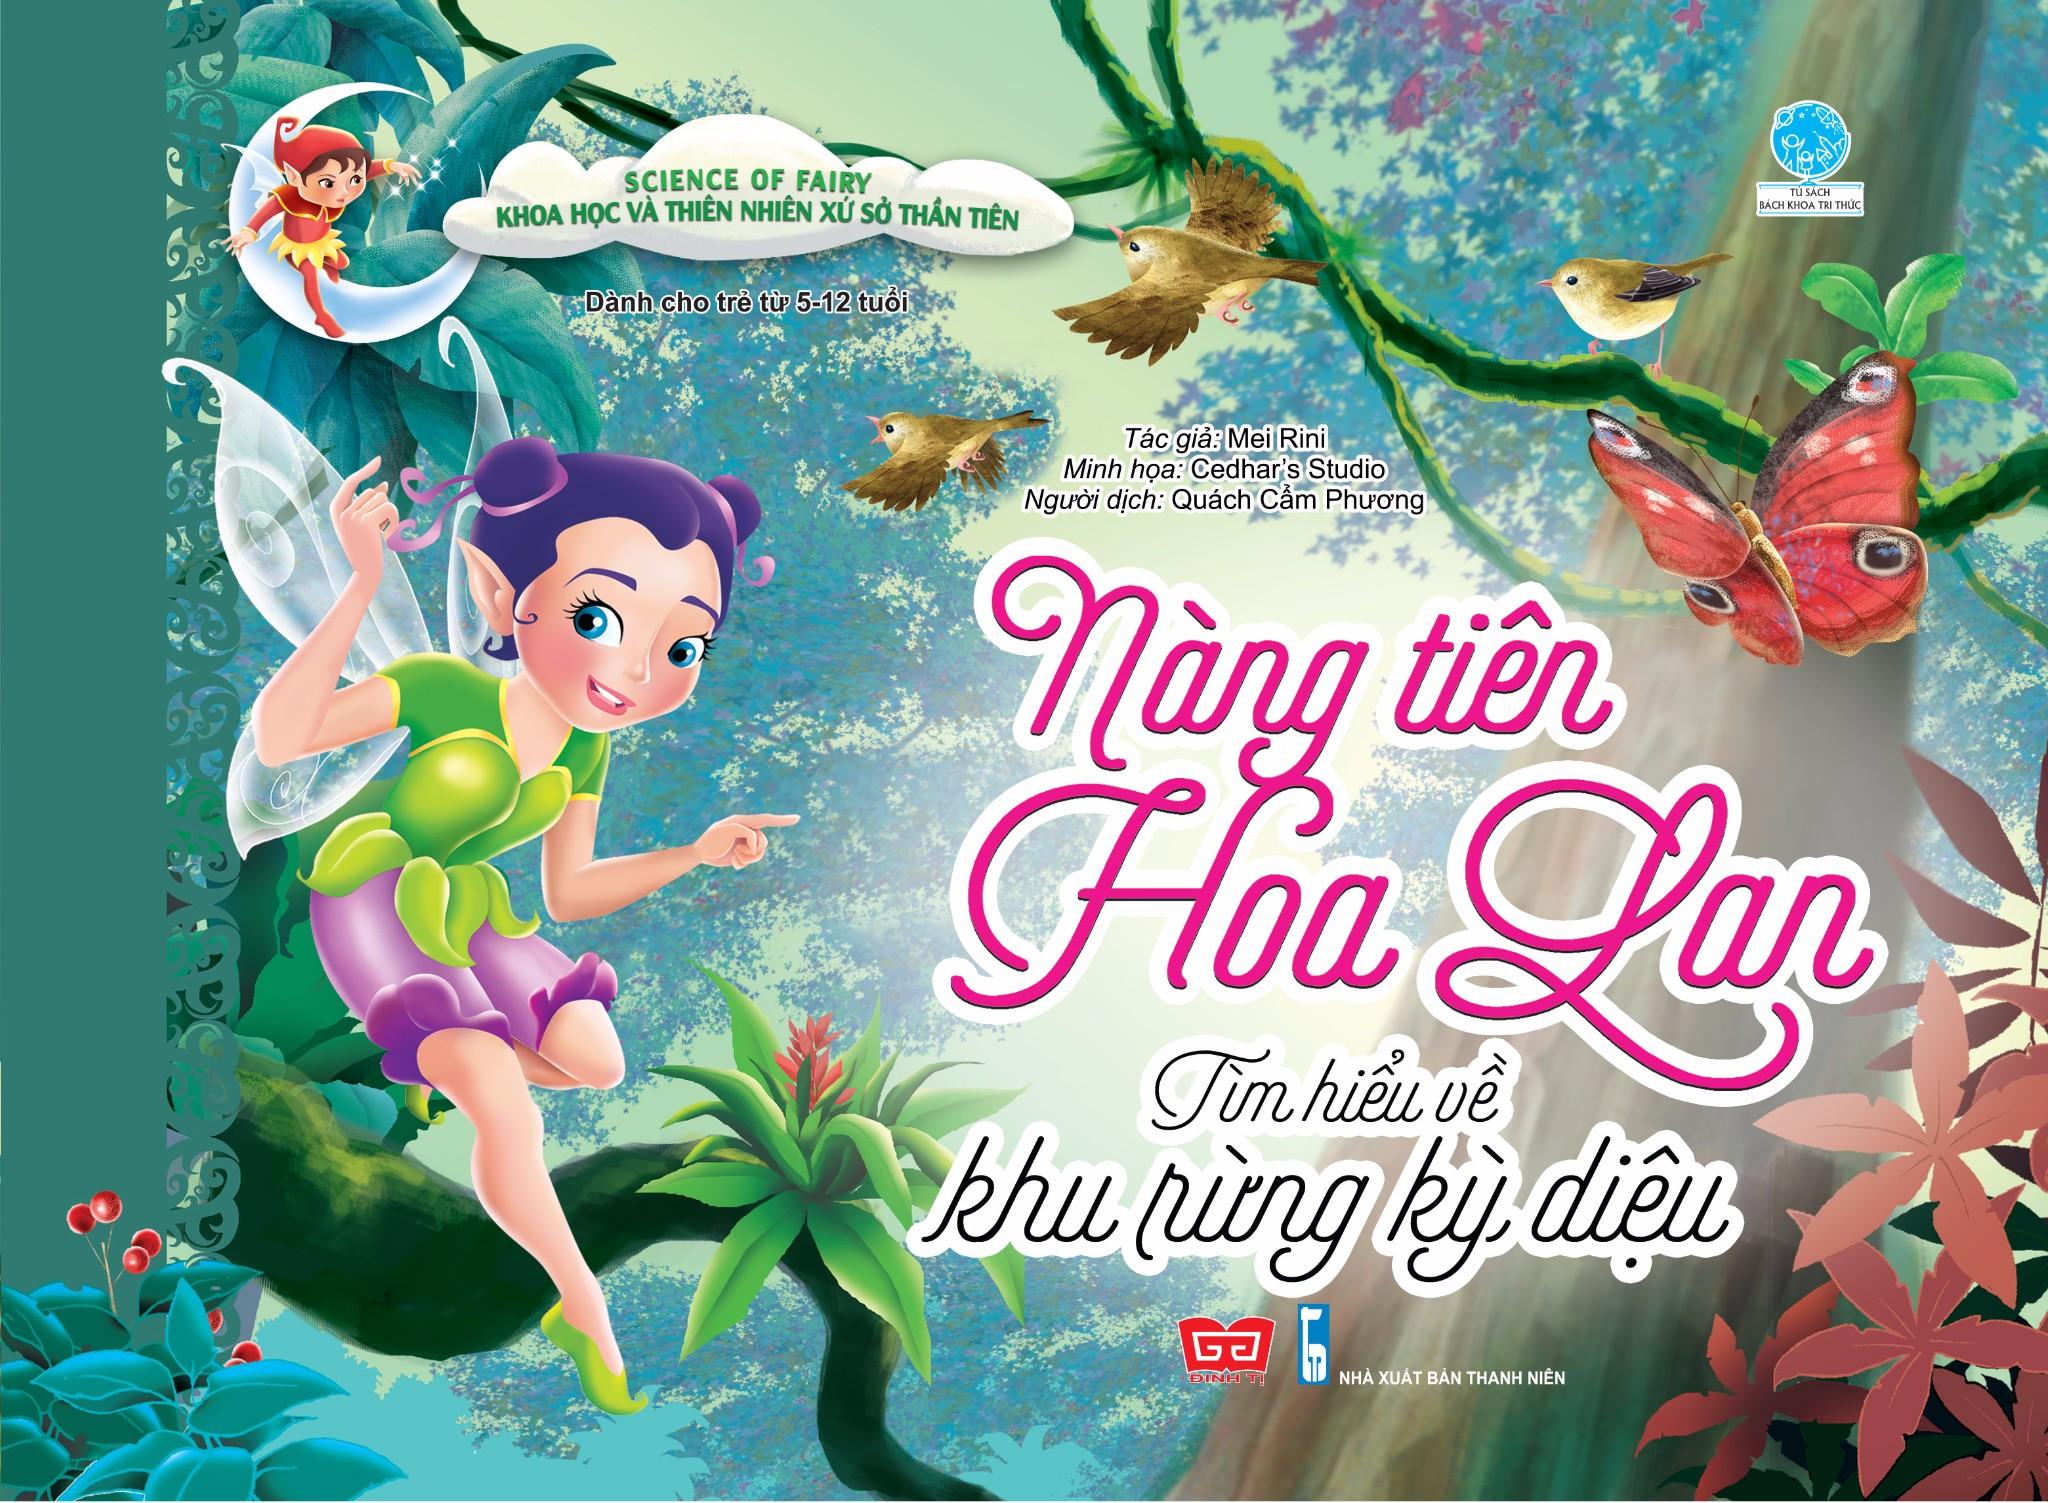 Science of Fairy - Khoa học và Thiên nhiên xứ sở thần tiên - Nàng tiên hoa lan - Tìm hiểu về khu rừng kỳ